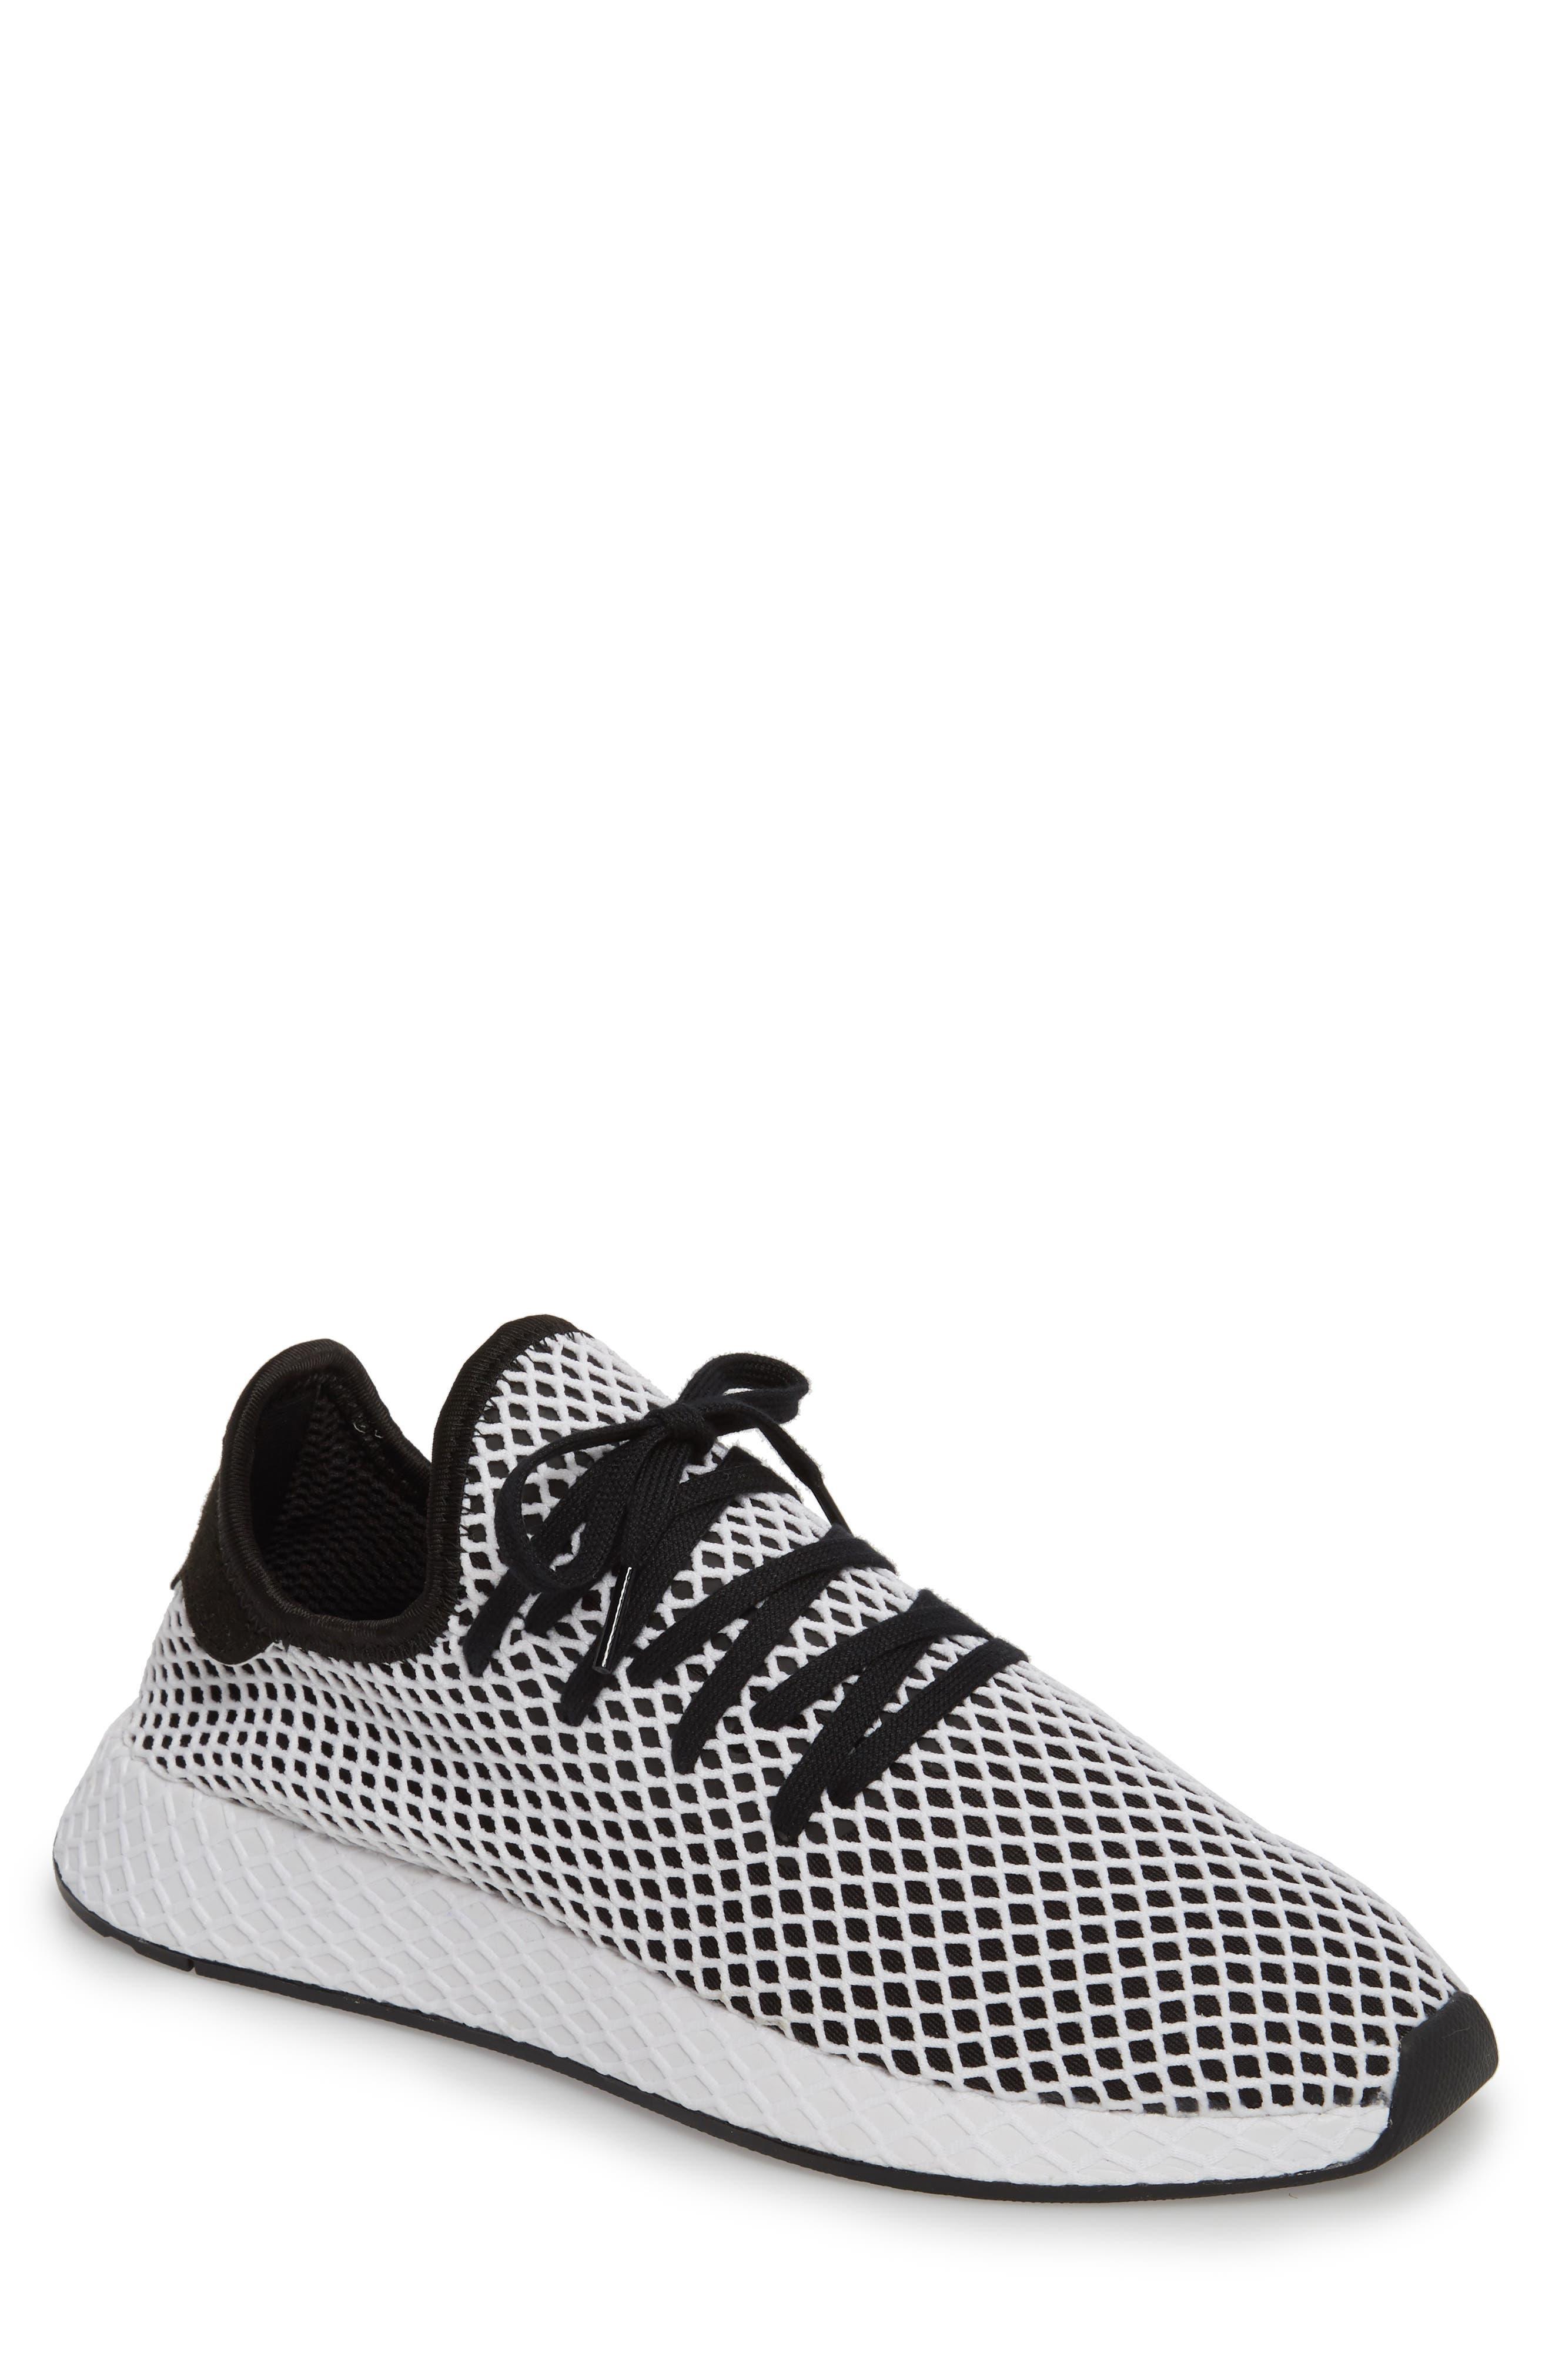 Deerupt Runner Sneaker,                             Main thumbnail 4, color,